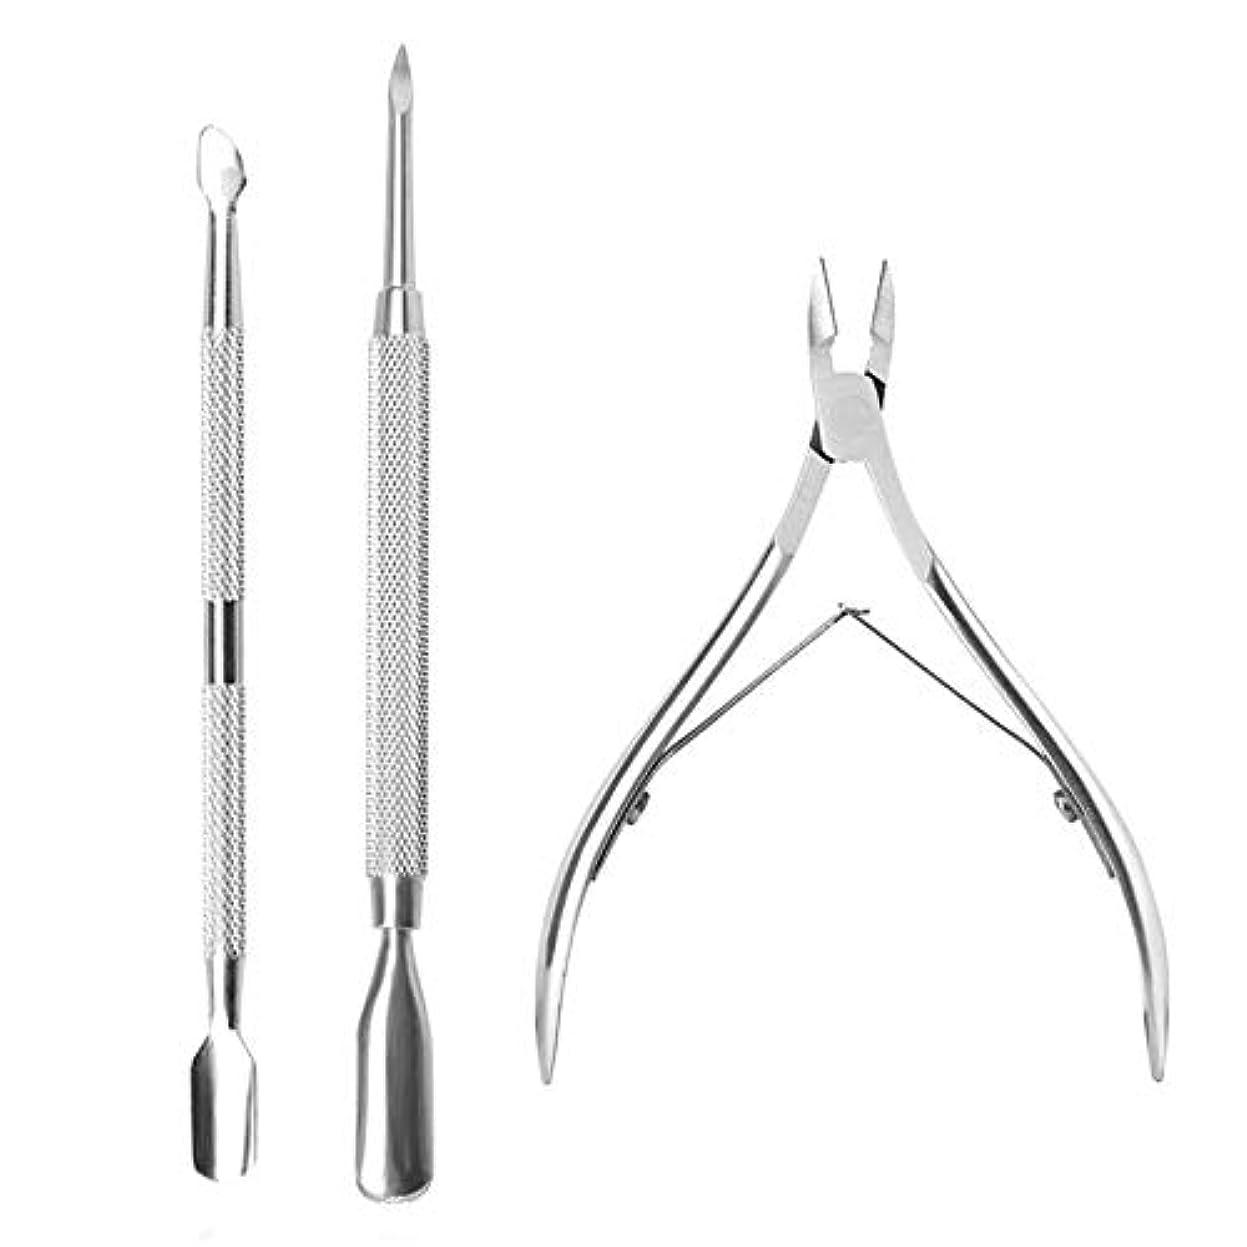 南フェデレーション致命的なニッパー式爪切り 滑り止め加工 ステンレス製 爪やすり付き 3本セット